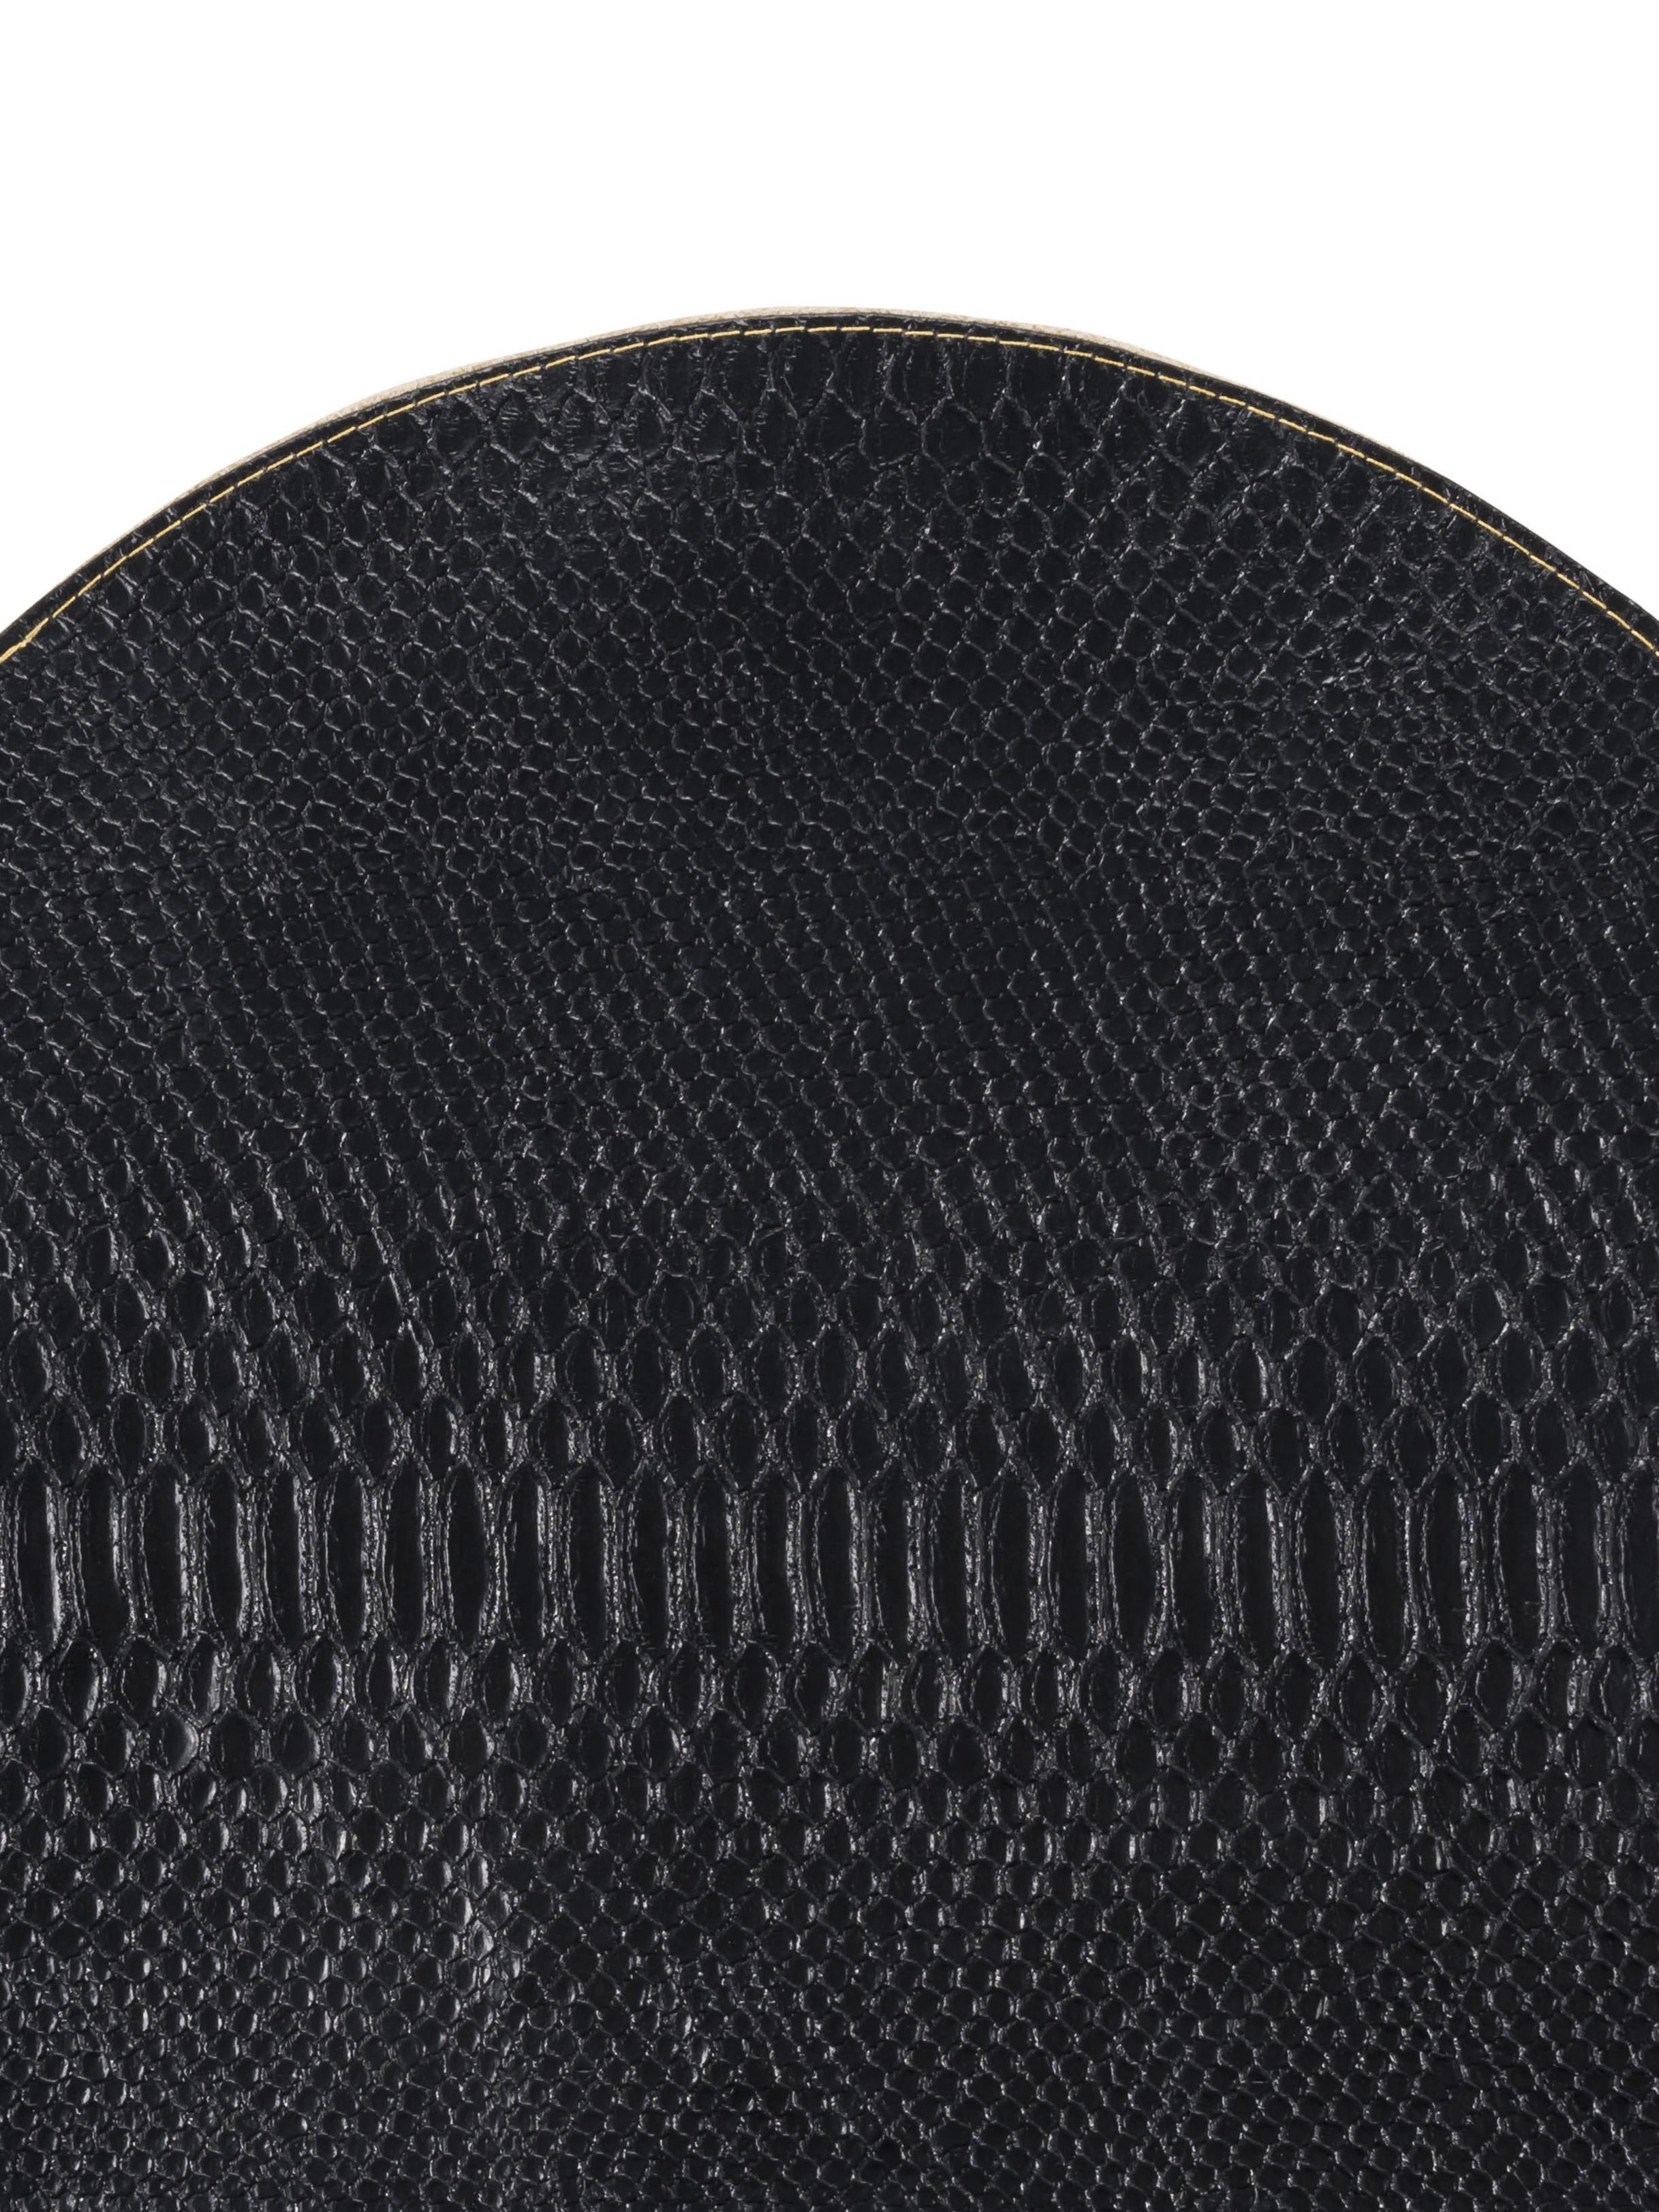 Runde Tischsets Allie, 2 Stück, Kunstleder, Schwarz, Goldfarben, Ø 38 cm